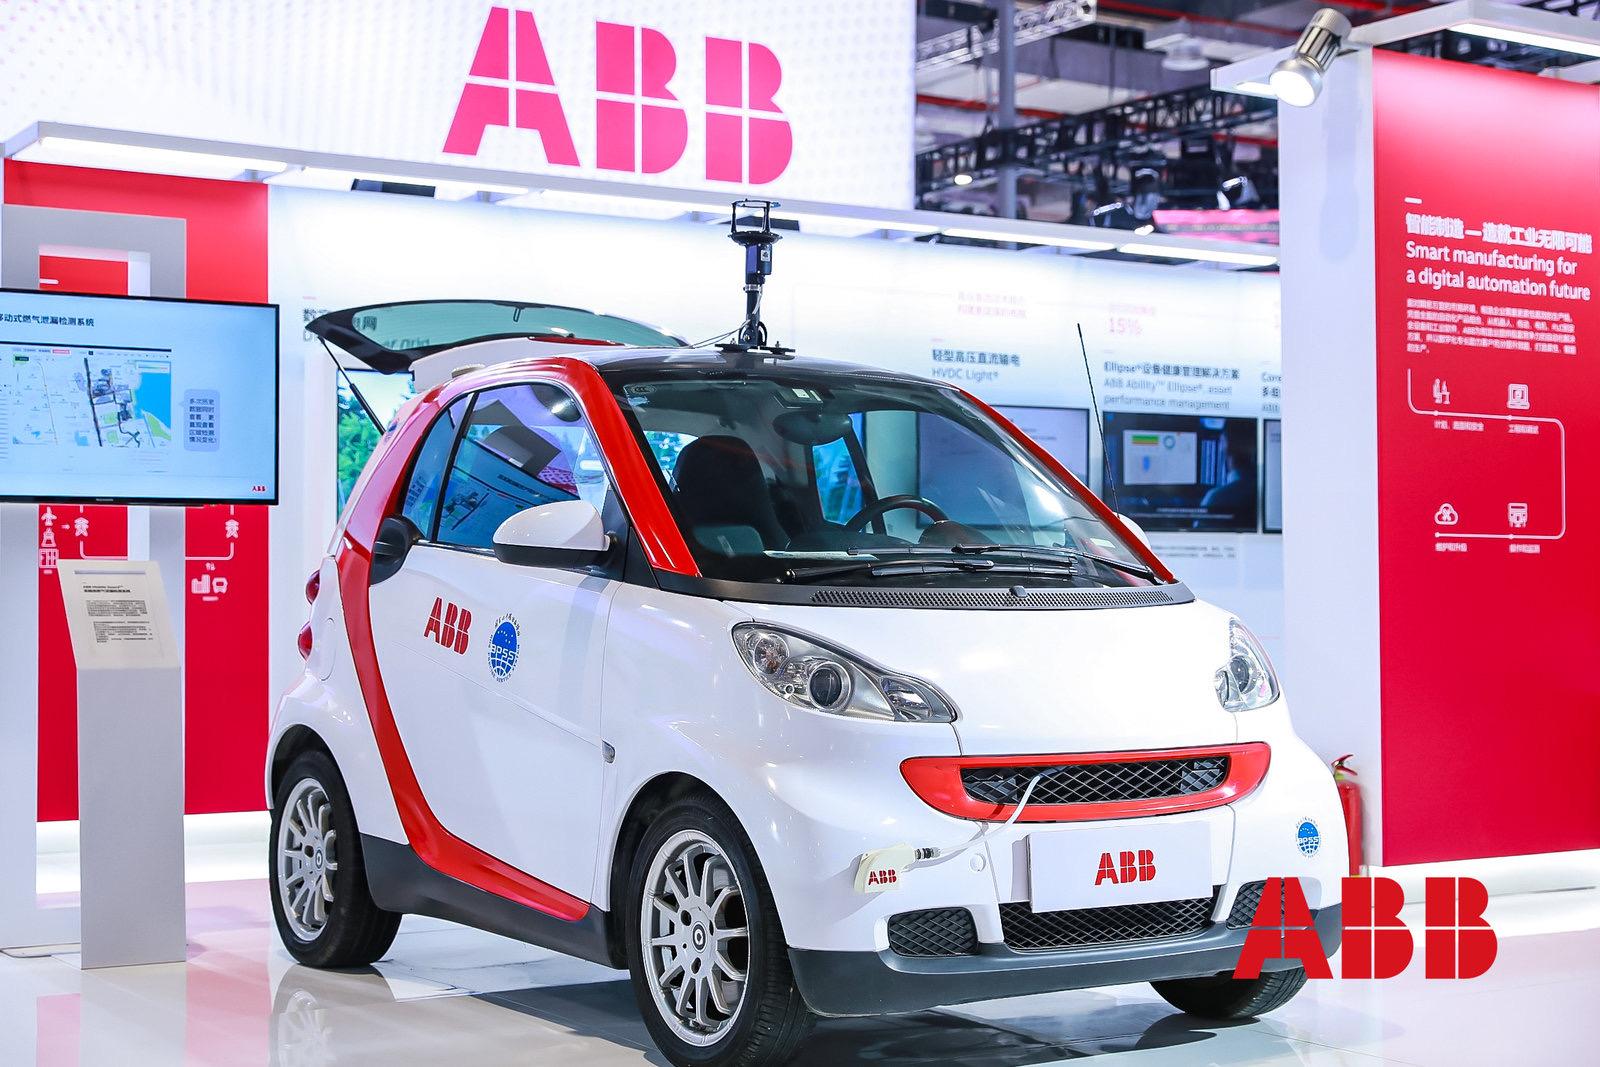 装载ABB Ability™高精准燃气泄漏检测系统的检测车